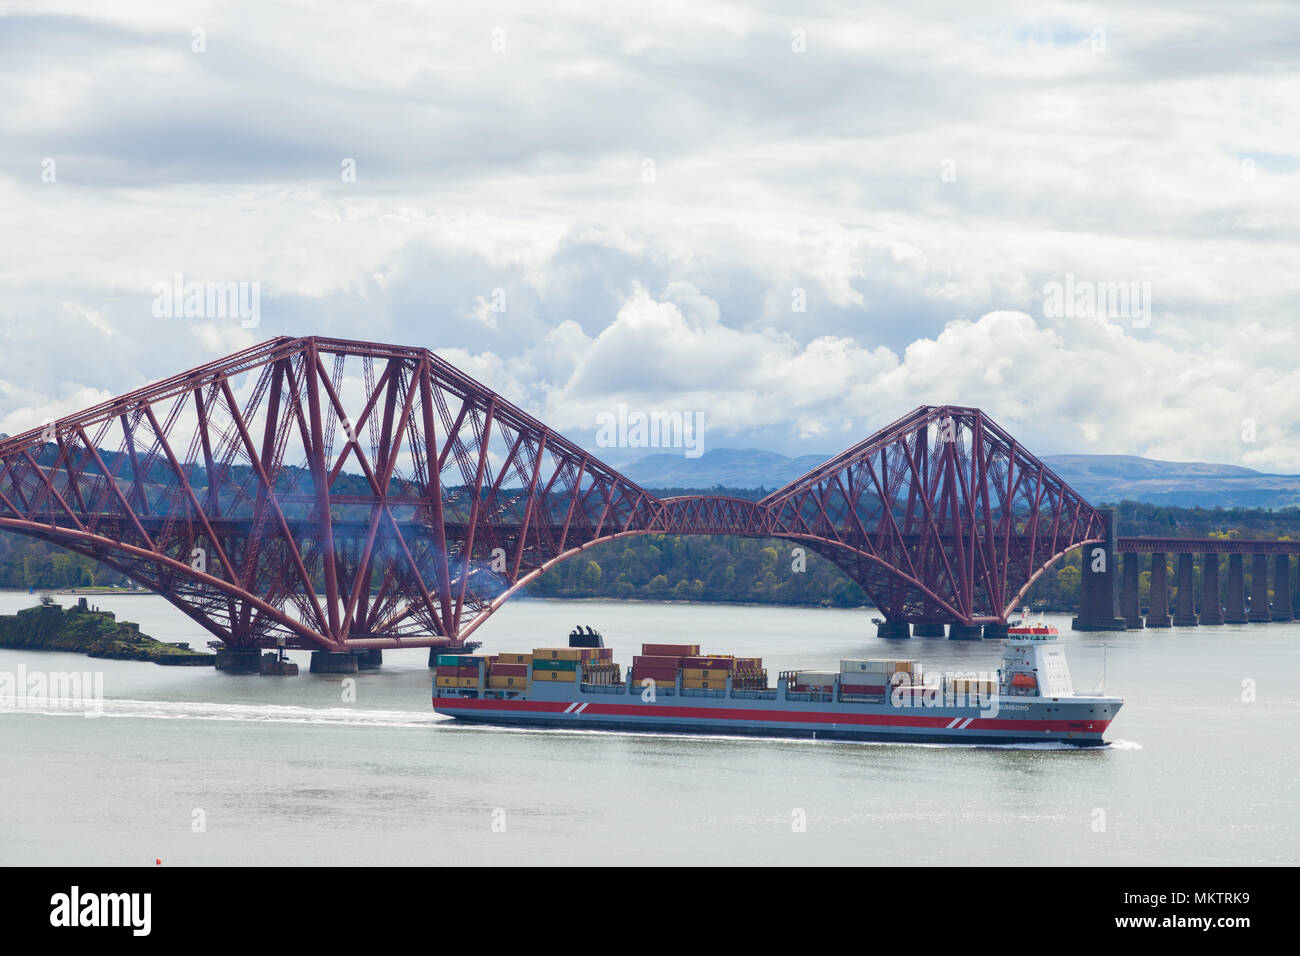 Un cargo qui passe sous le pont Forth Rail près d'Édimbourg en Écosse. Photo Stock